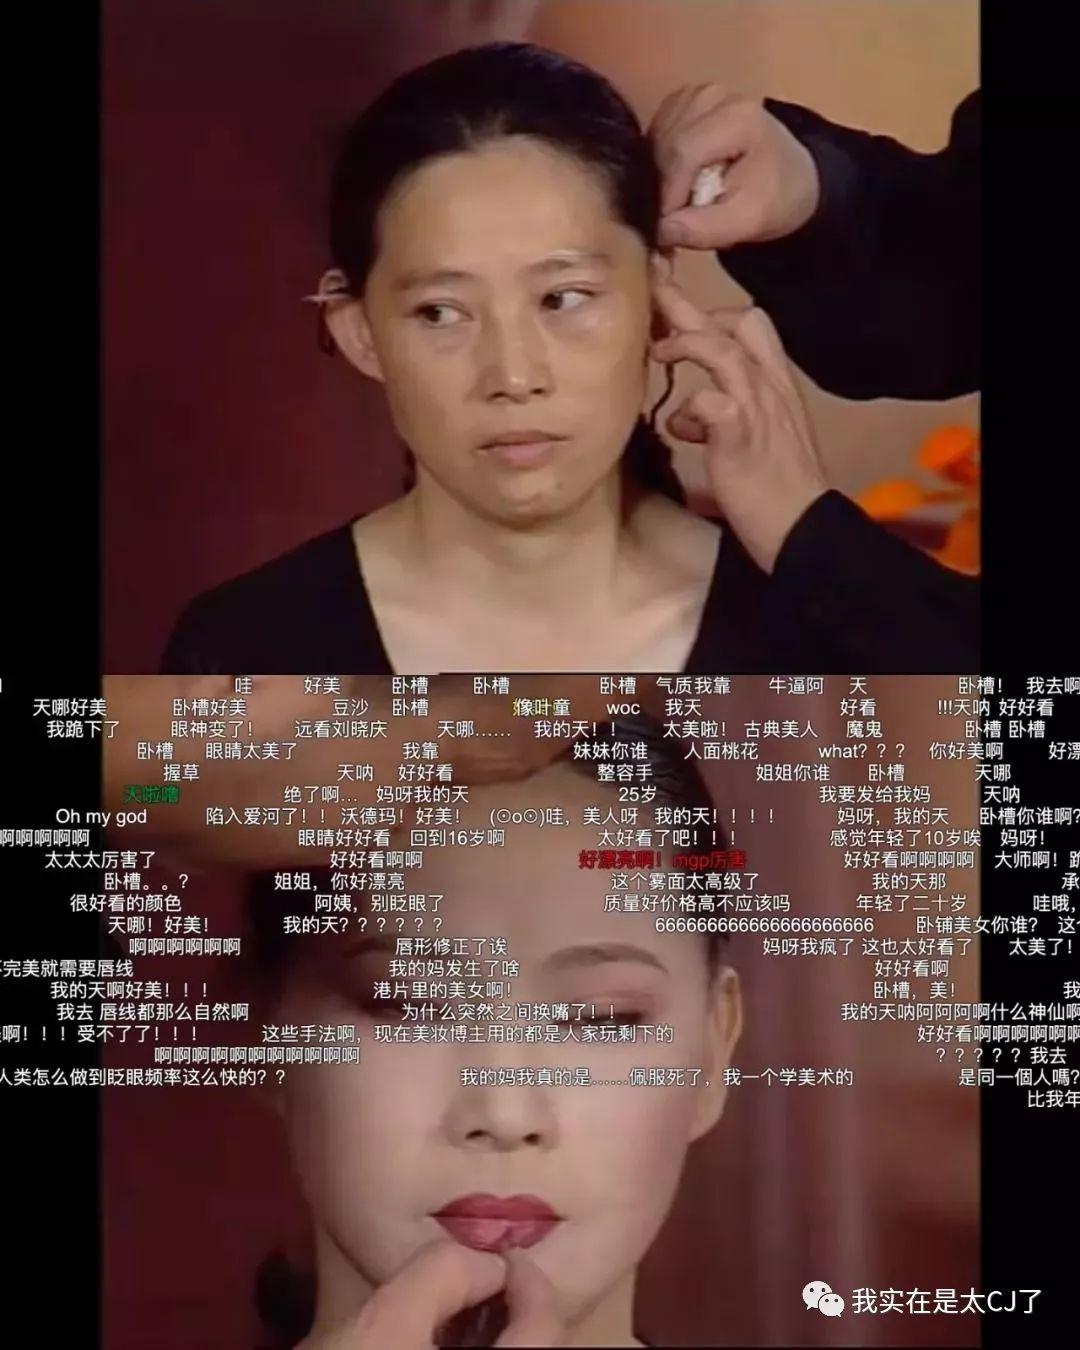 美女大尺度掰穴_中年妇女秒变画报模特,气质美女了解下,弹幕一片卧槽